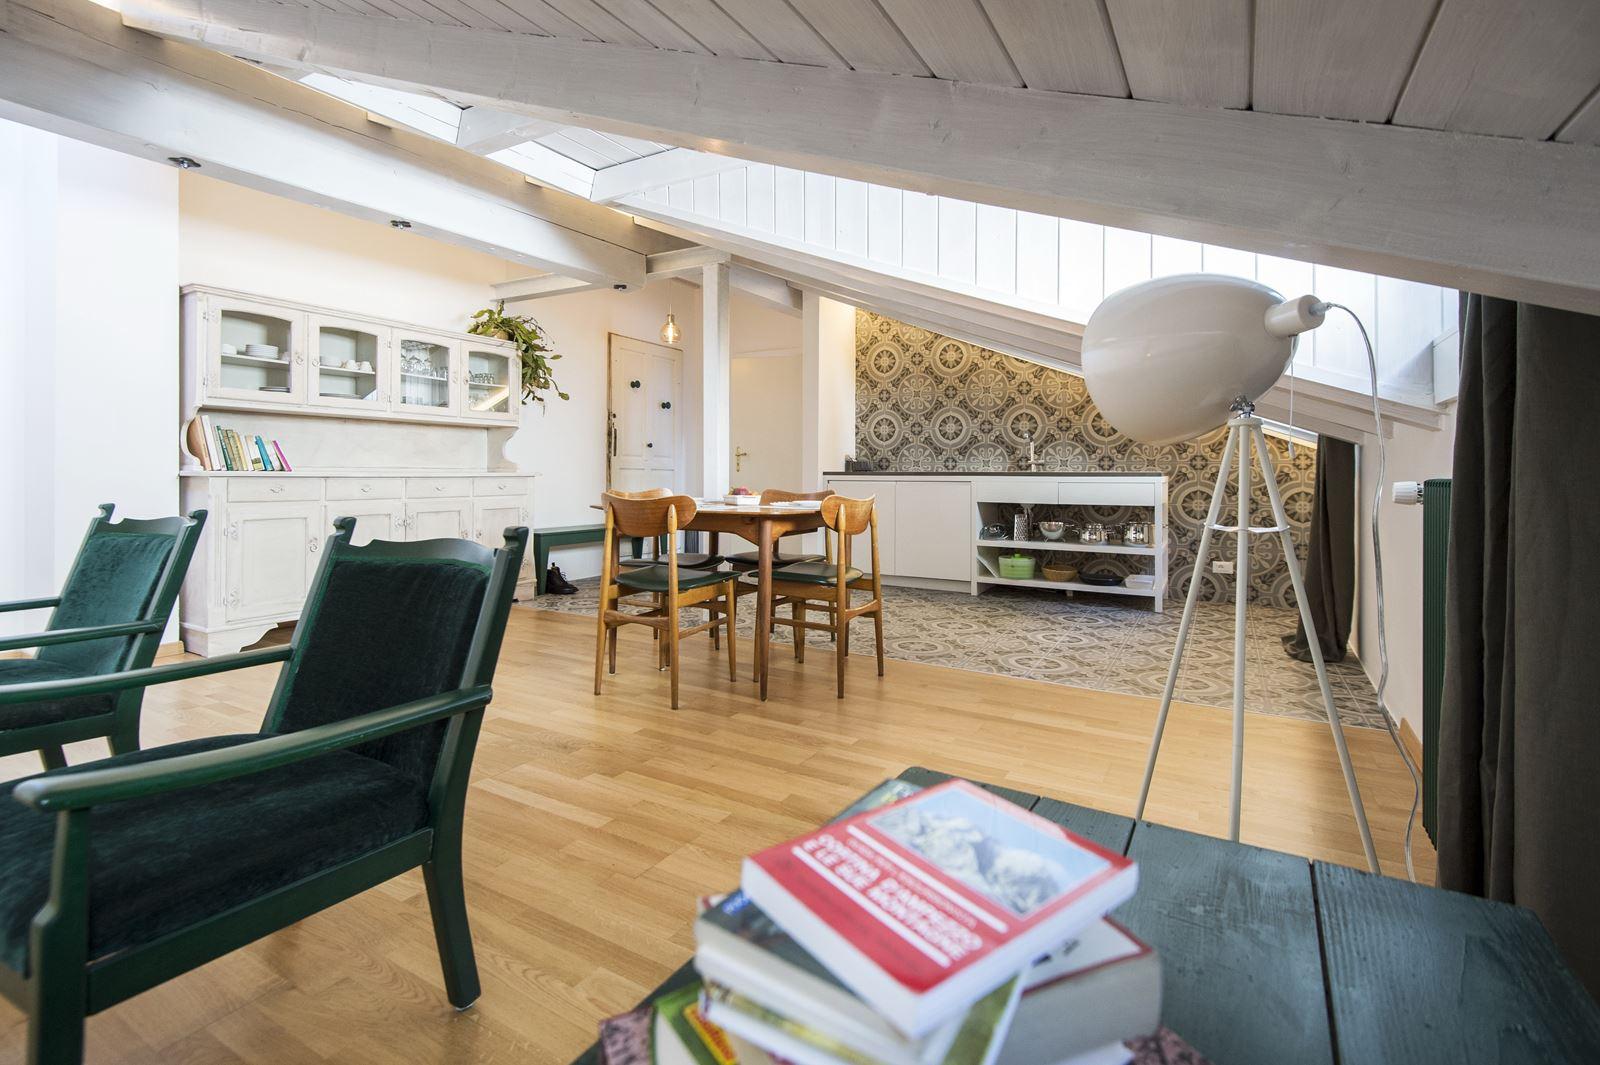 Soffitto Bianco E Parete Colorata: Soffitto bianco pareti colorate total white archivi ideacolor.